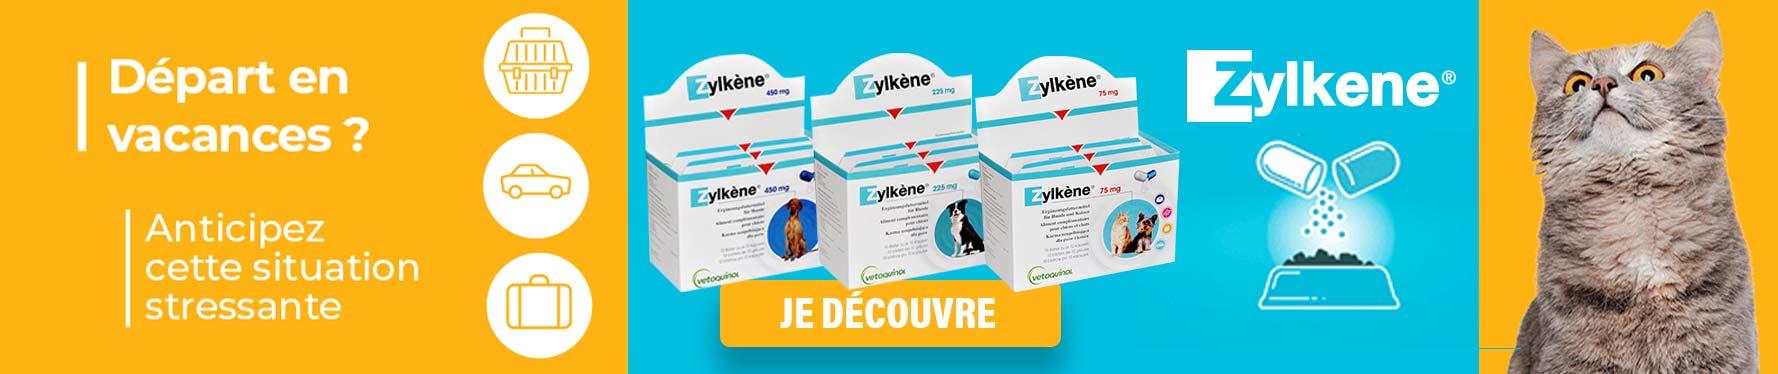 Zylkène : pour un départ en vacances en toute sérénité